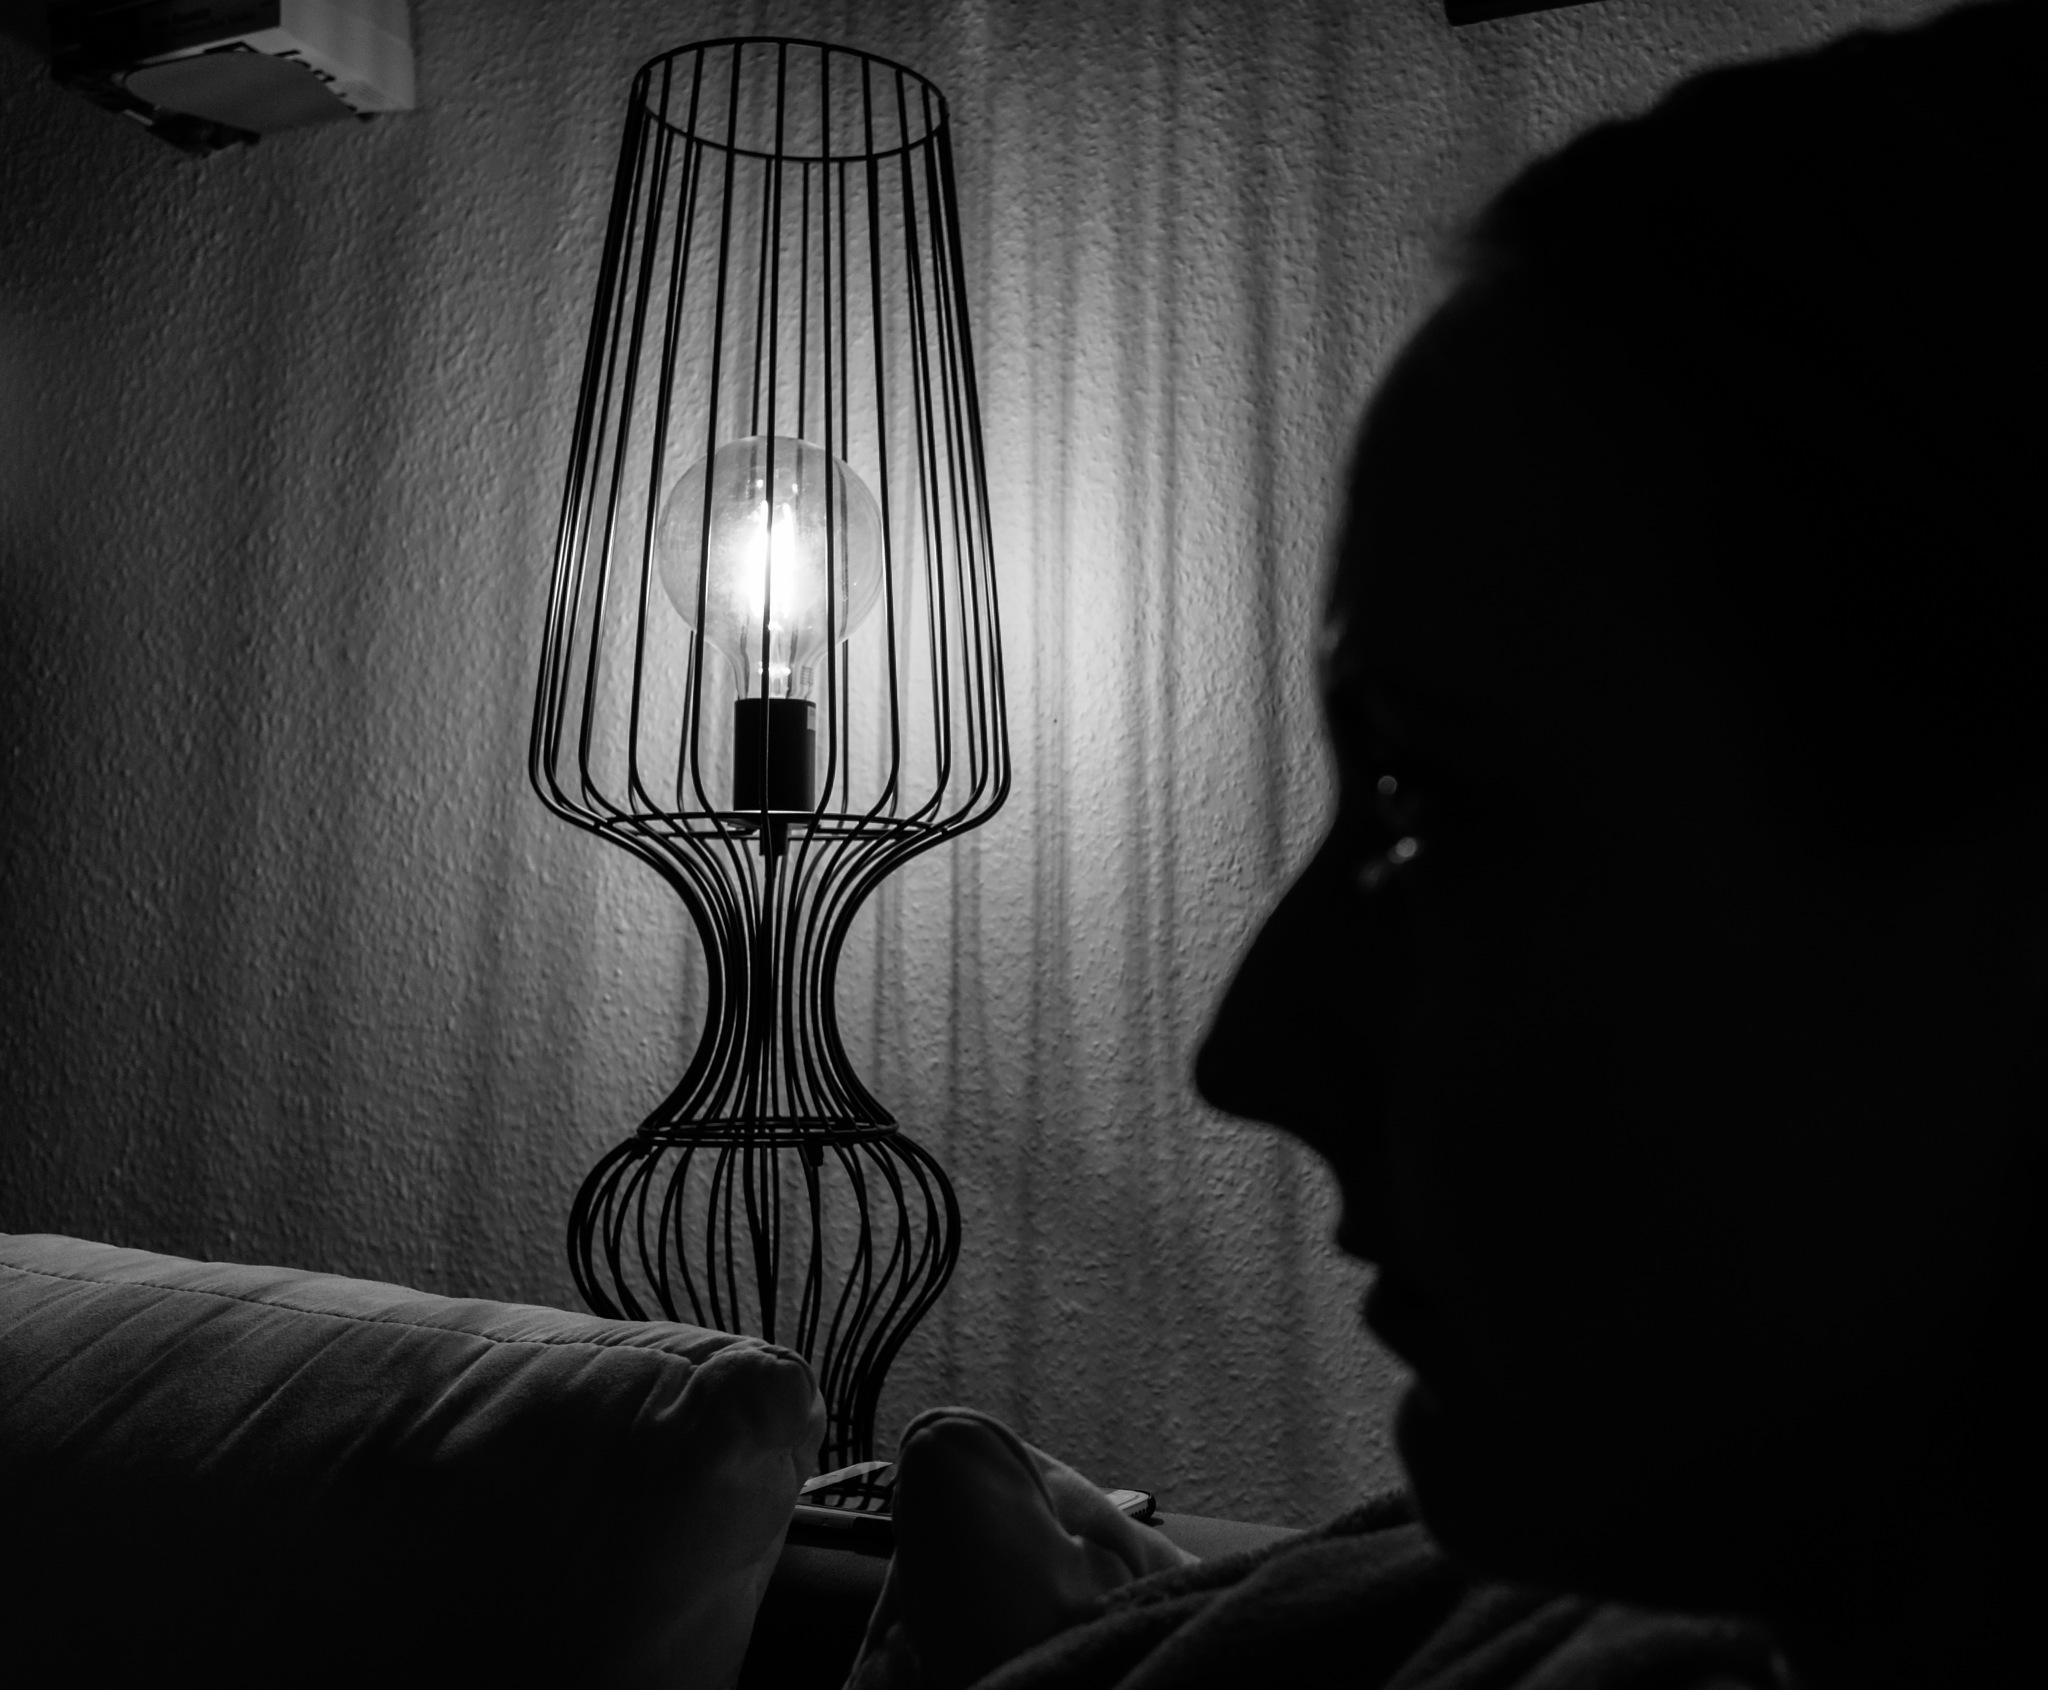 Lamp by Dro_B